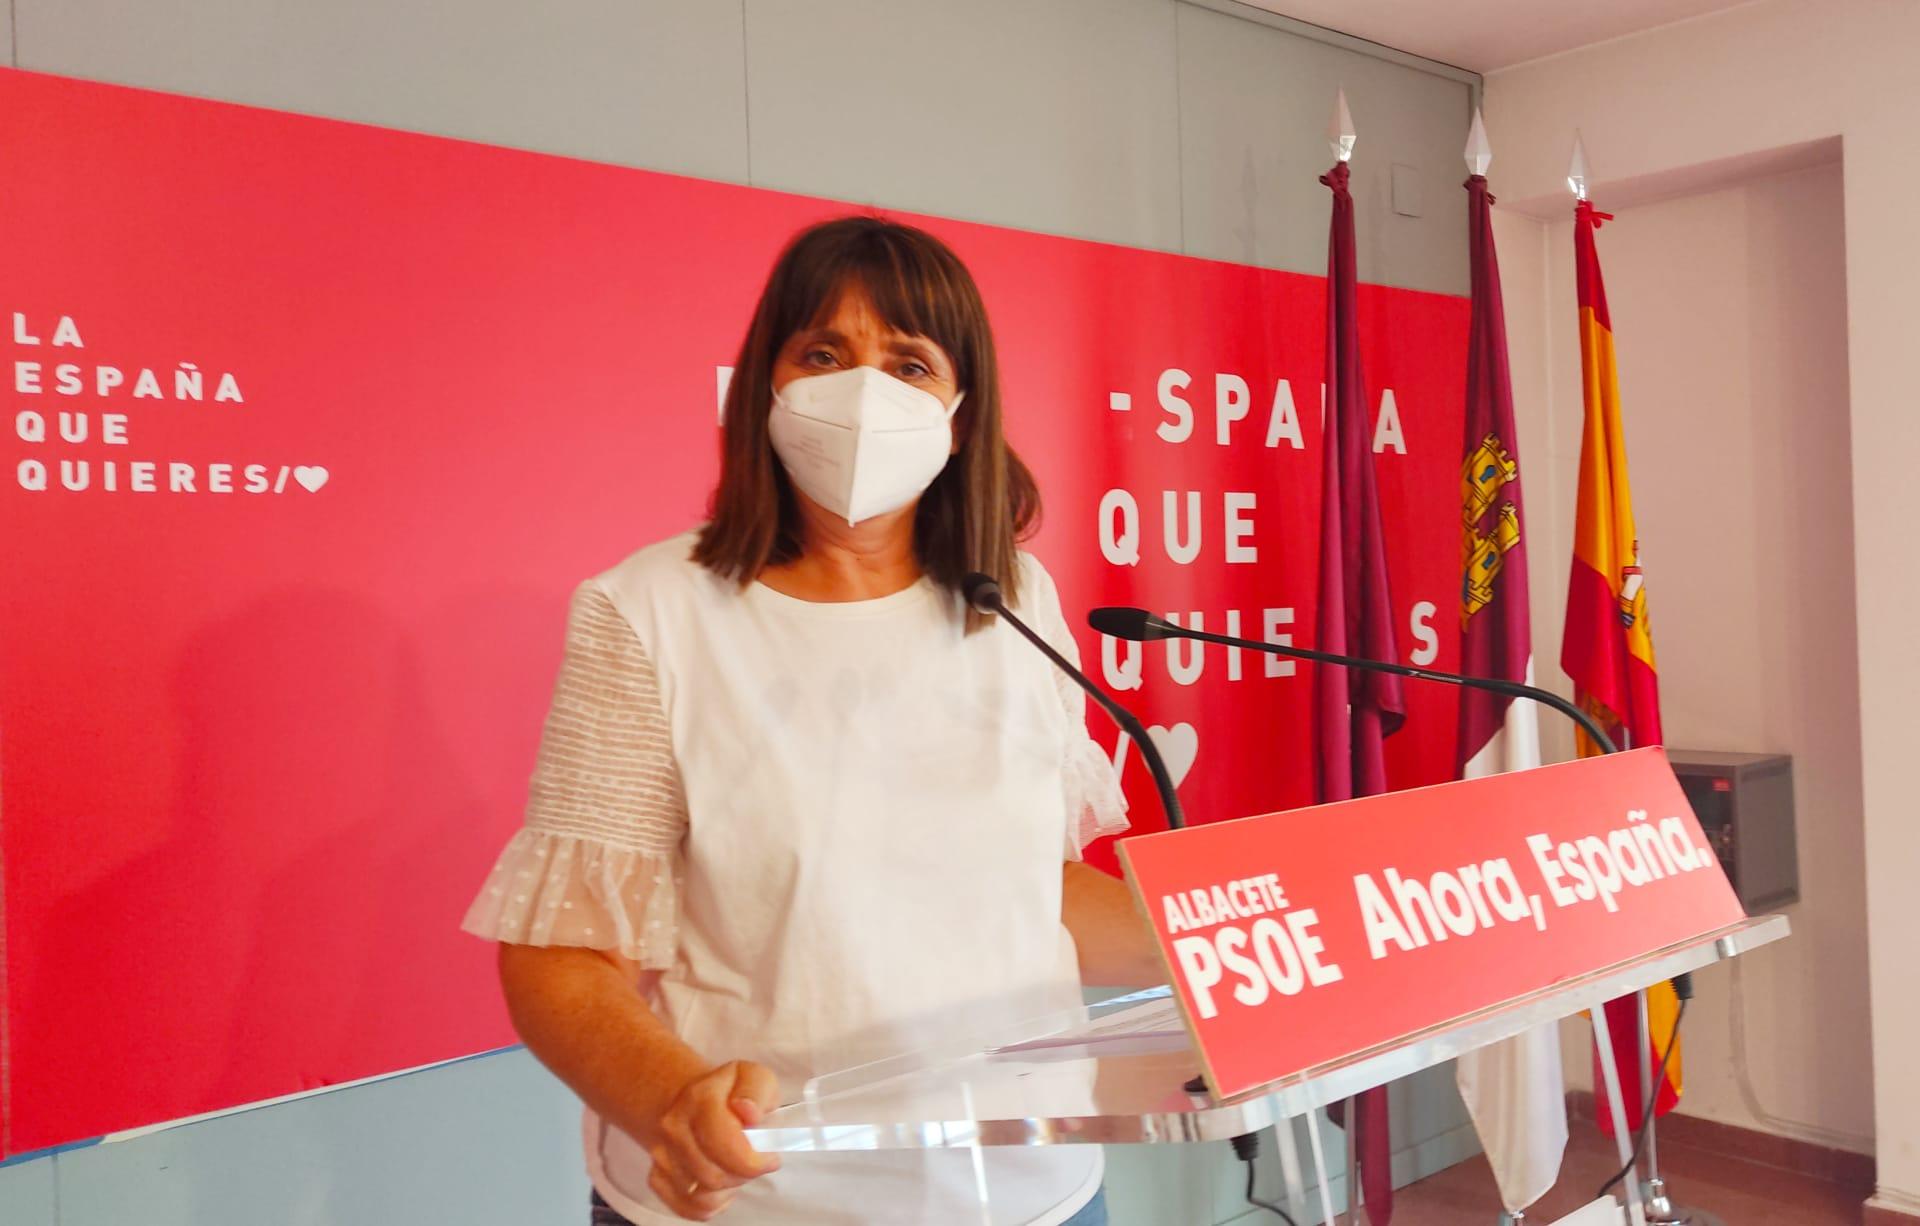 El PSOE de Albacete aplaude la nueva subida del SMI impulsada por el Gobierno de Pedro Sánchez